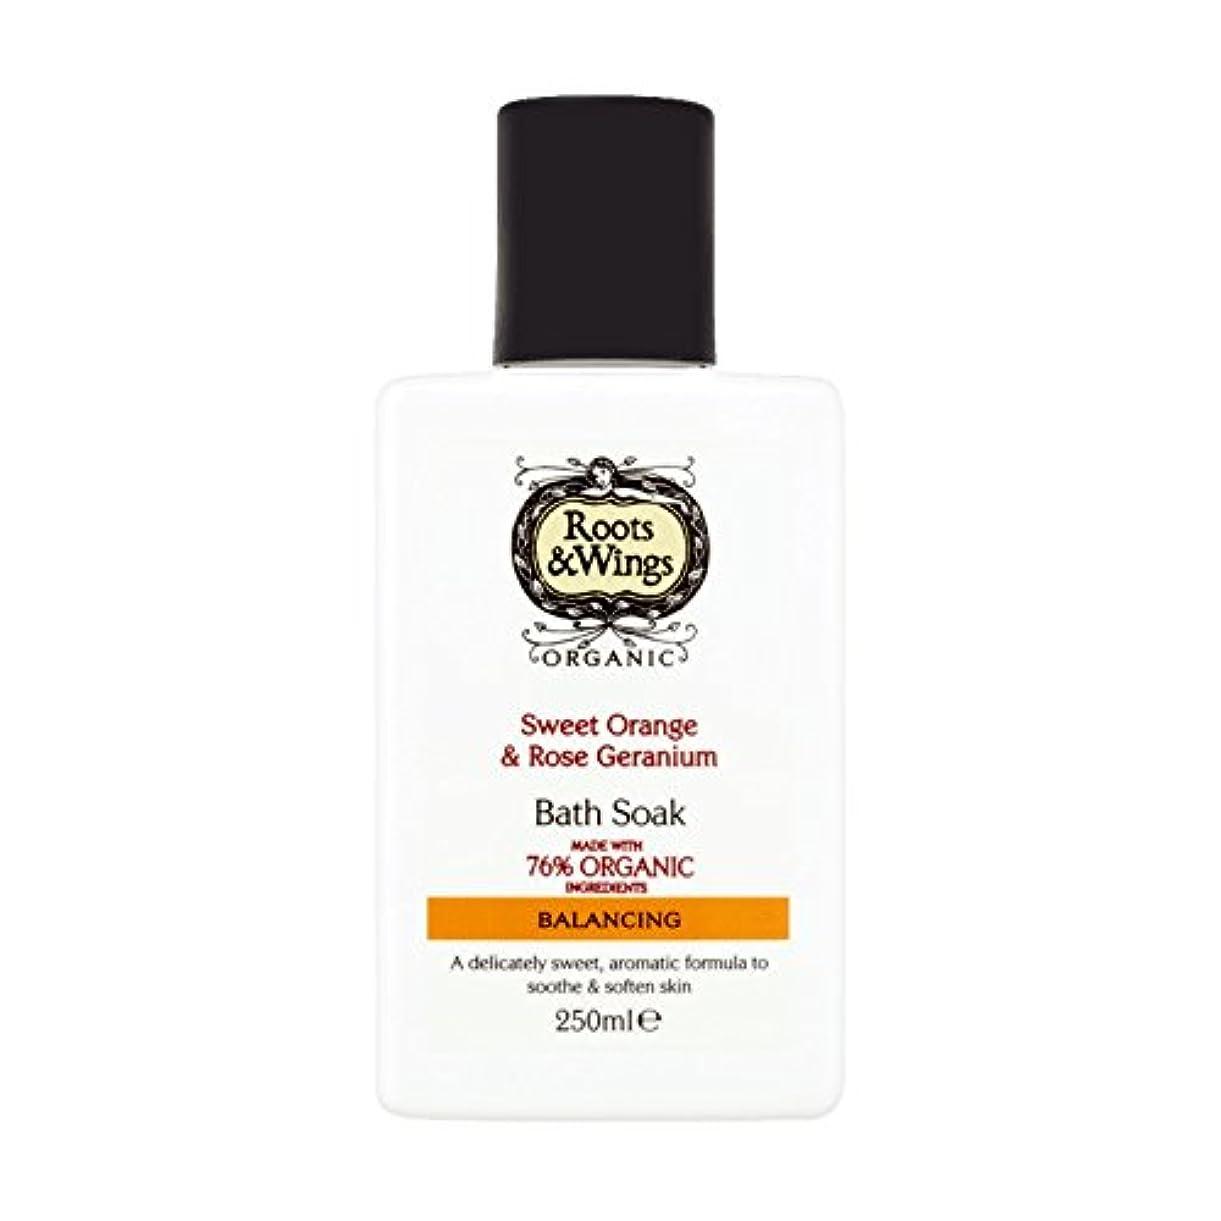 作物謝罪不快Roots & Wings Bath Soak Sweet Orange & Rose Geranium 250ml (Pack of 2) - ルーツ&翼バス甘いオレンジを浸し&ゼラニウム250ミリリットルをバラ (x2...